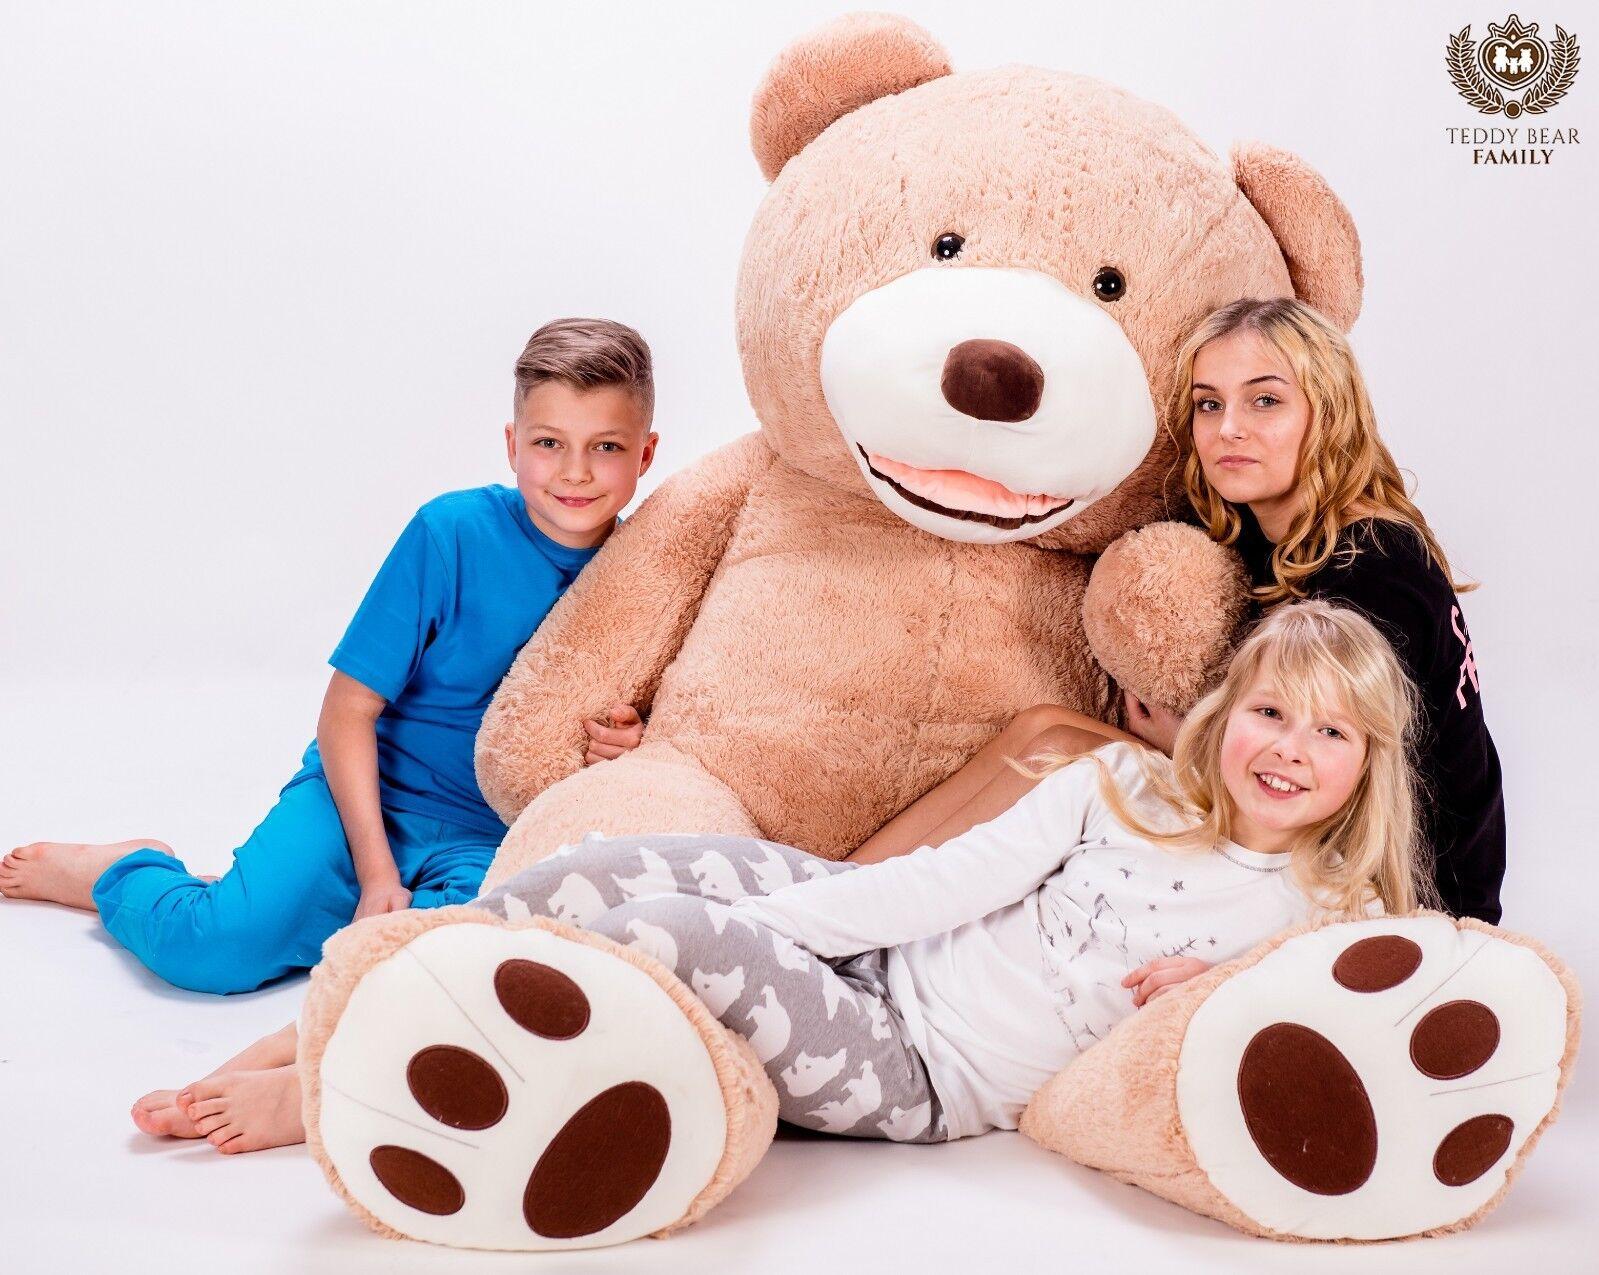 Teddybär XXL 270 240 220 200 180 160 140 cm Riesen Stofftier Plüschtier Groß